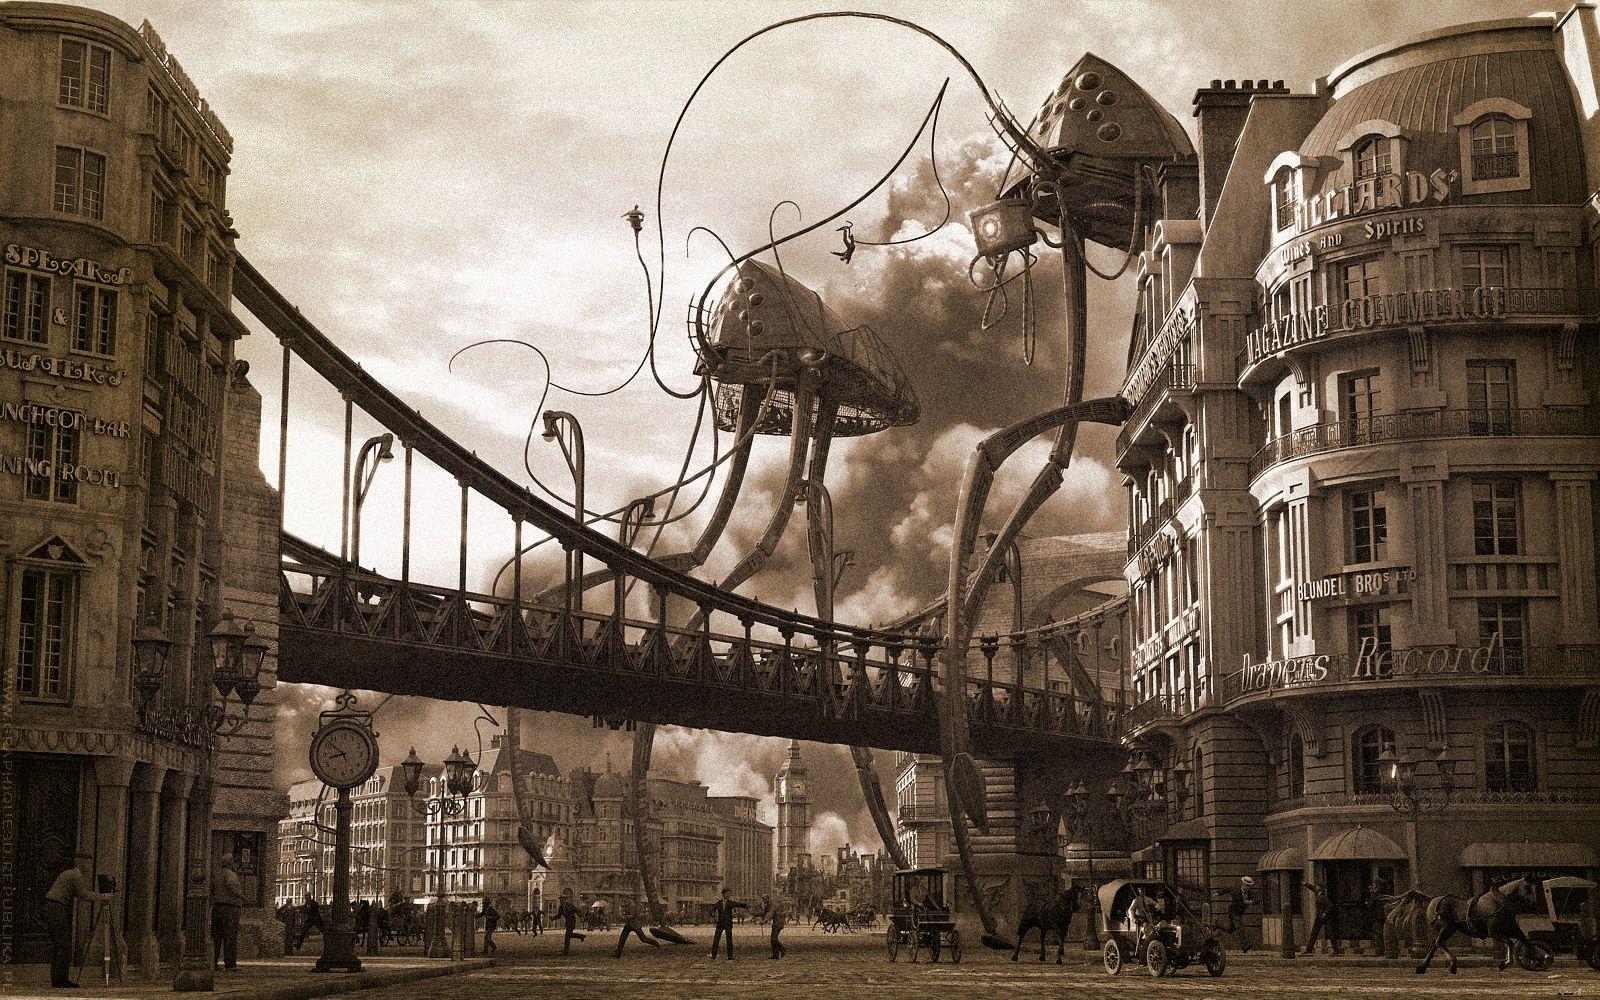 http://2.bp.blogspot.com/-yErs0U624Gs/Tdrl0XVW36I/AAAAAAAAAN0/lKzHl08eOkc/s1600/1305836920-cool-more-war-of-the-worlds-wallpaper.jpg